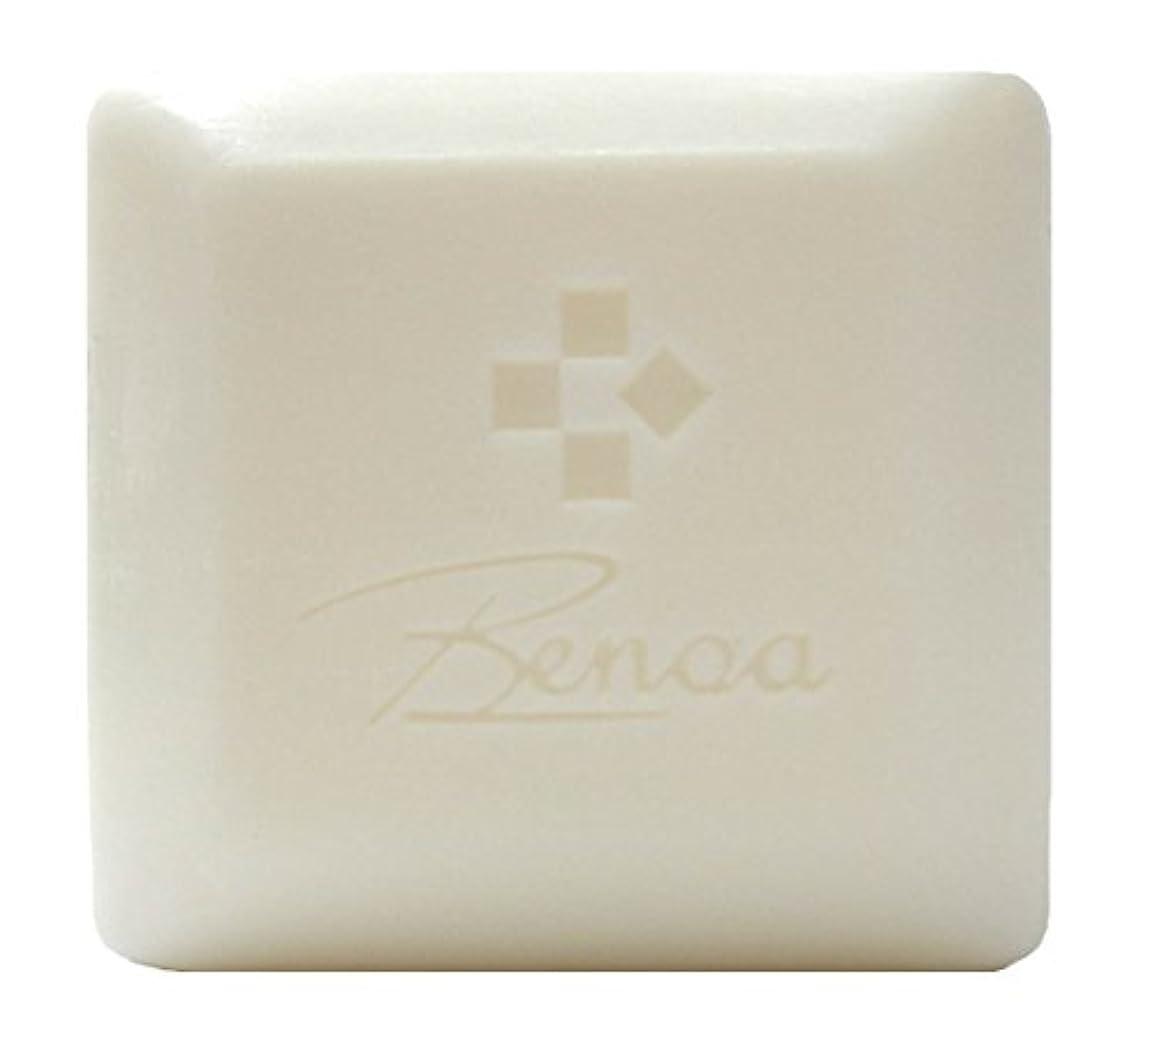 見えない好きであるビタミン馬油ソープ ベノア 洗顔石鹸 80g